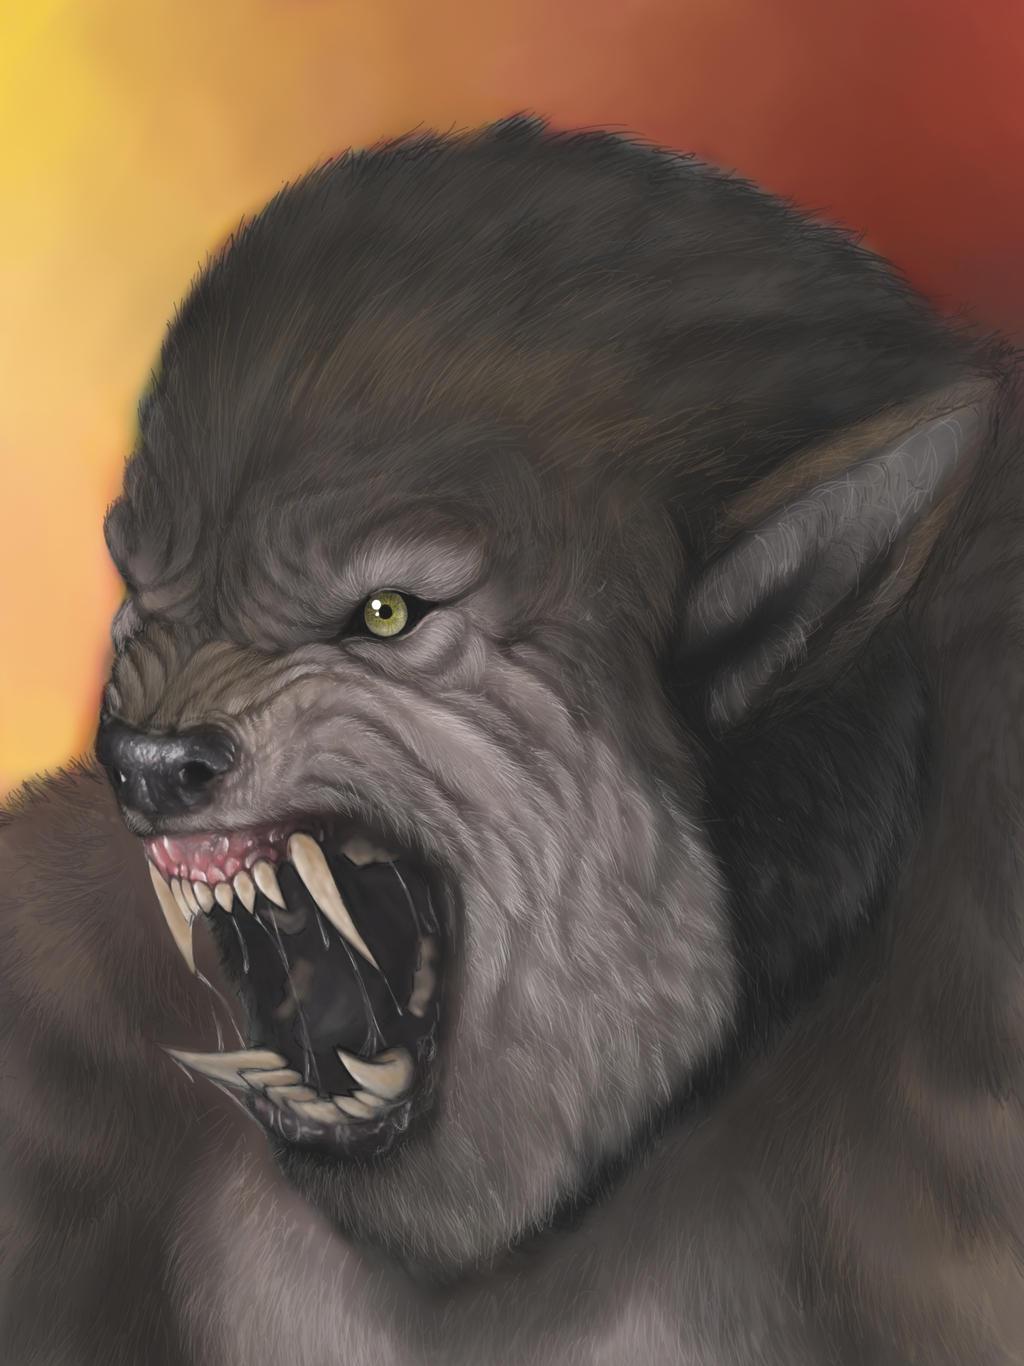 werewolf portrait by spdmngtruper